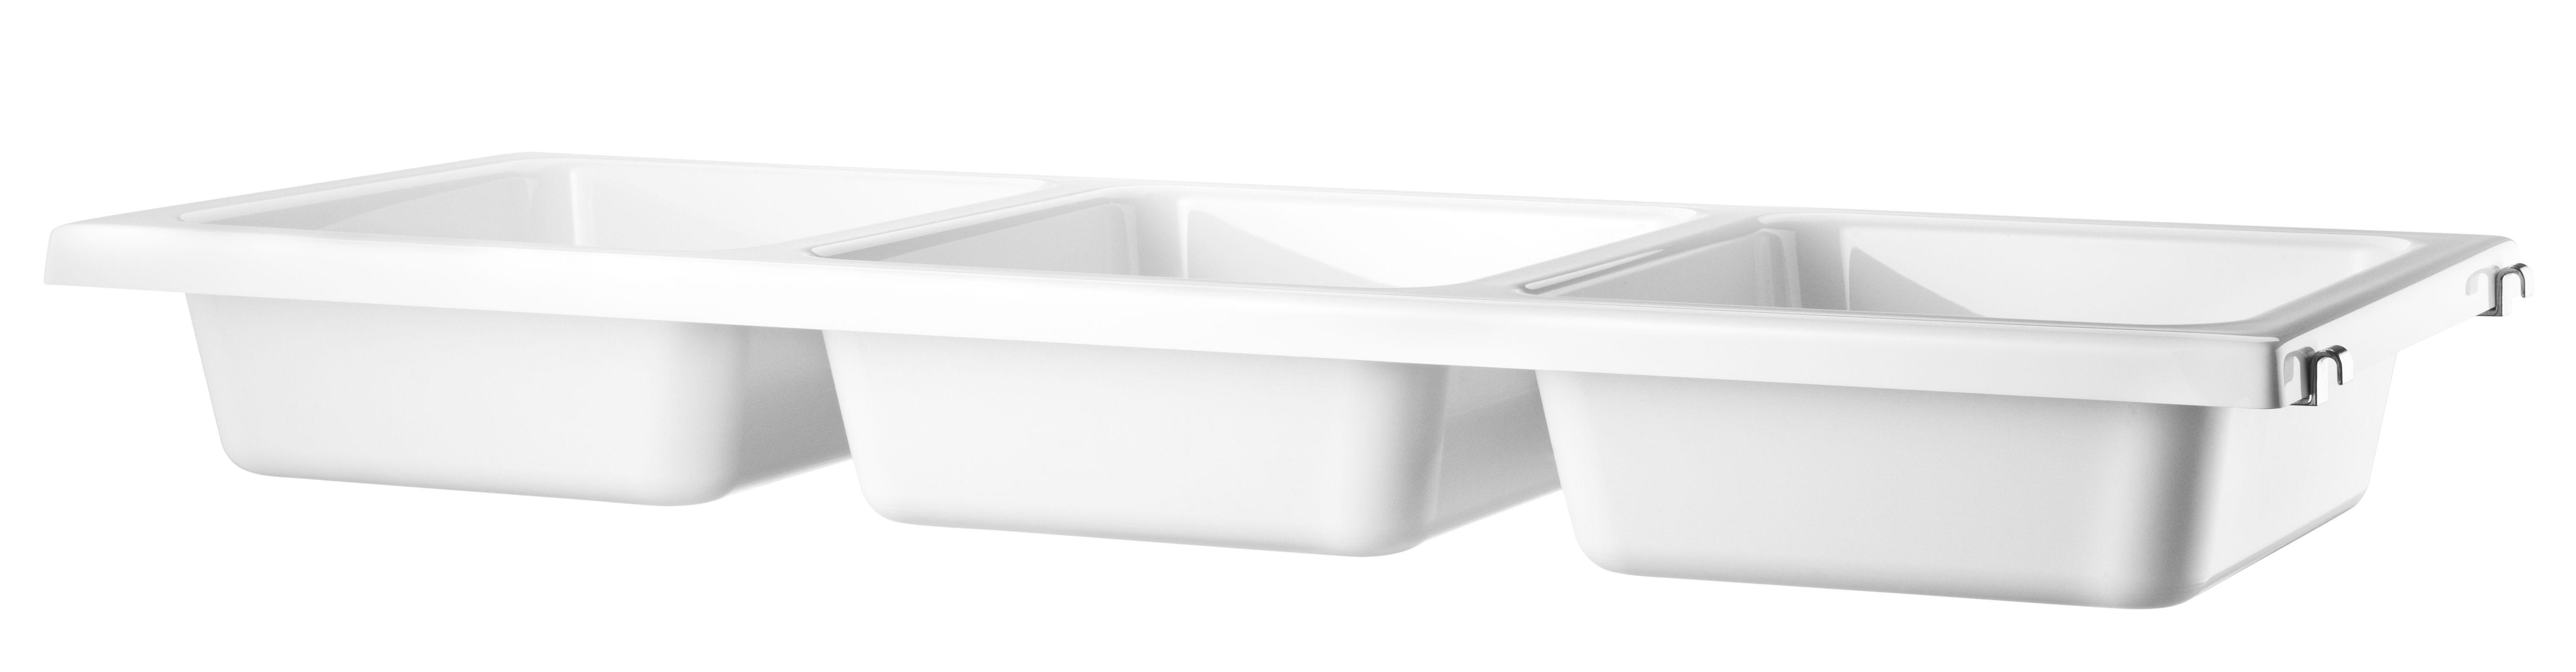 Möbel - Regale und Bücherregale - String System Regal / mit 3 tiefen Ablagefächern - L 78 cm - String Furniture - Weiß - ABS